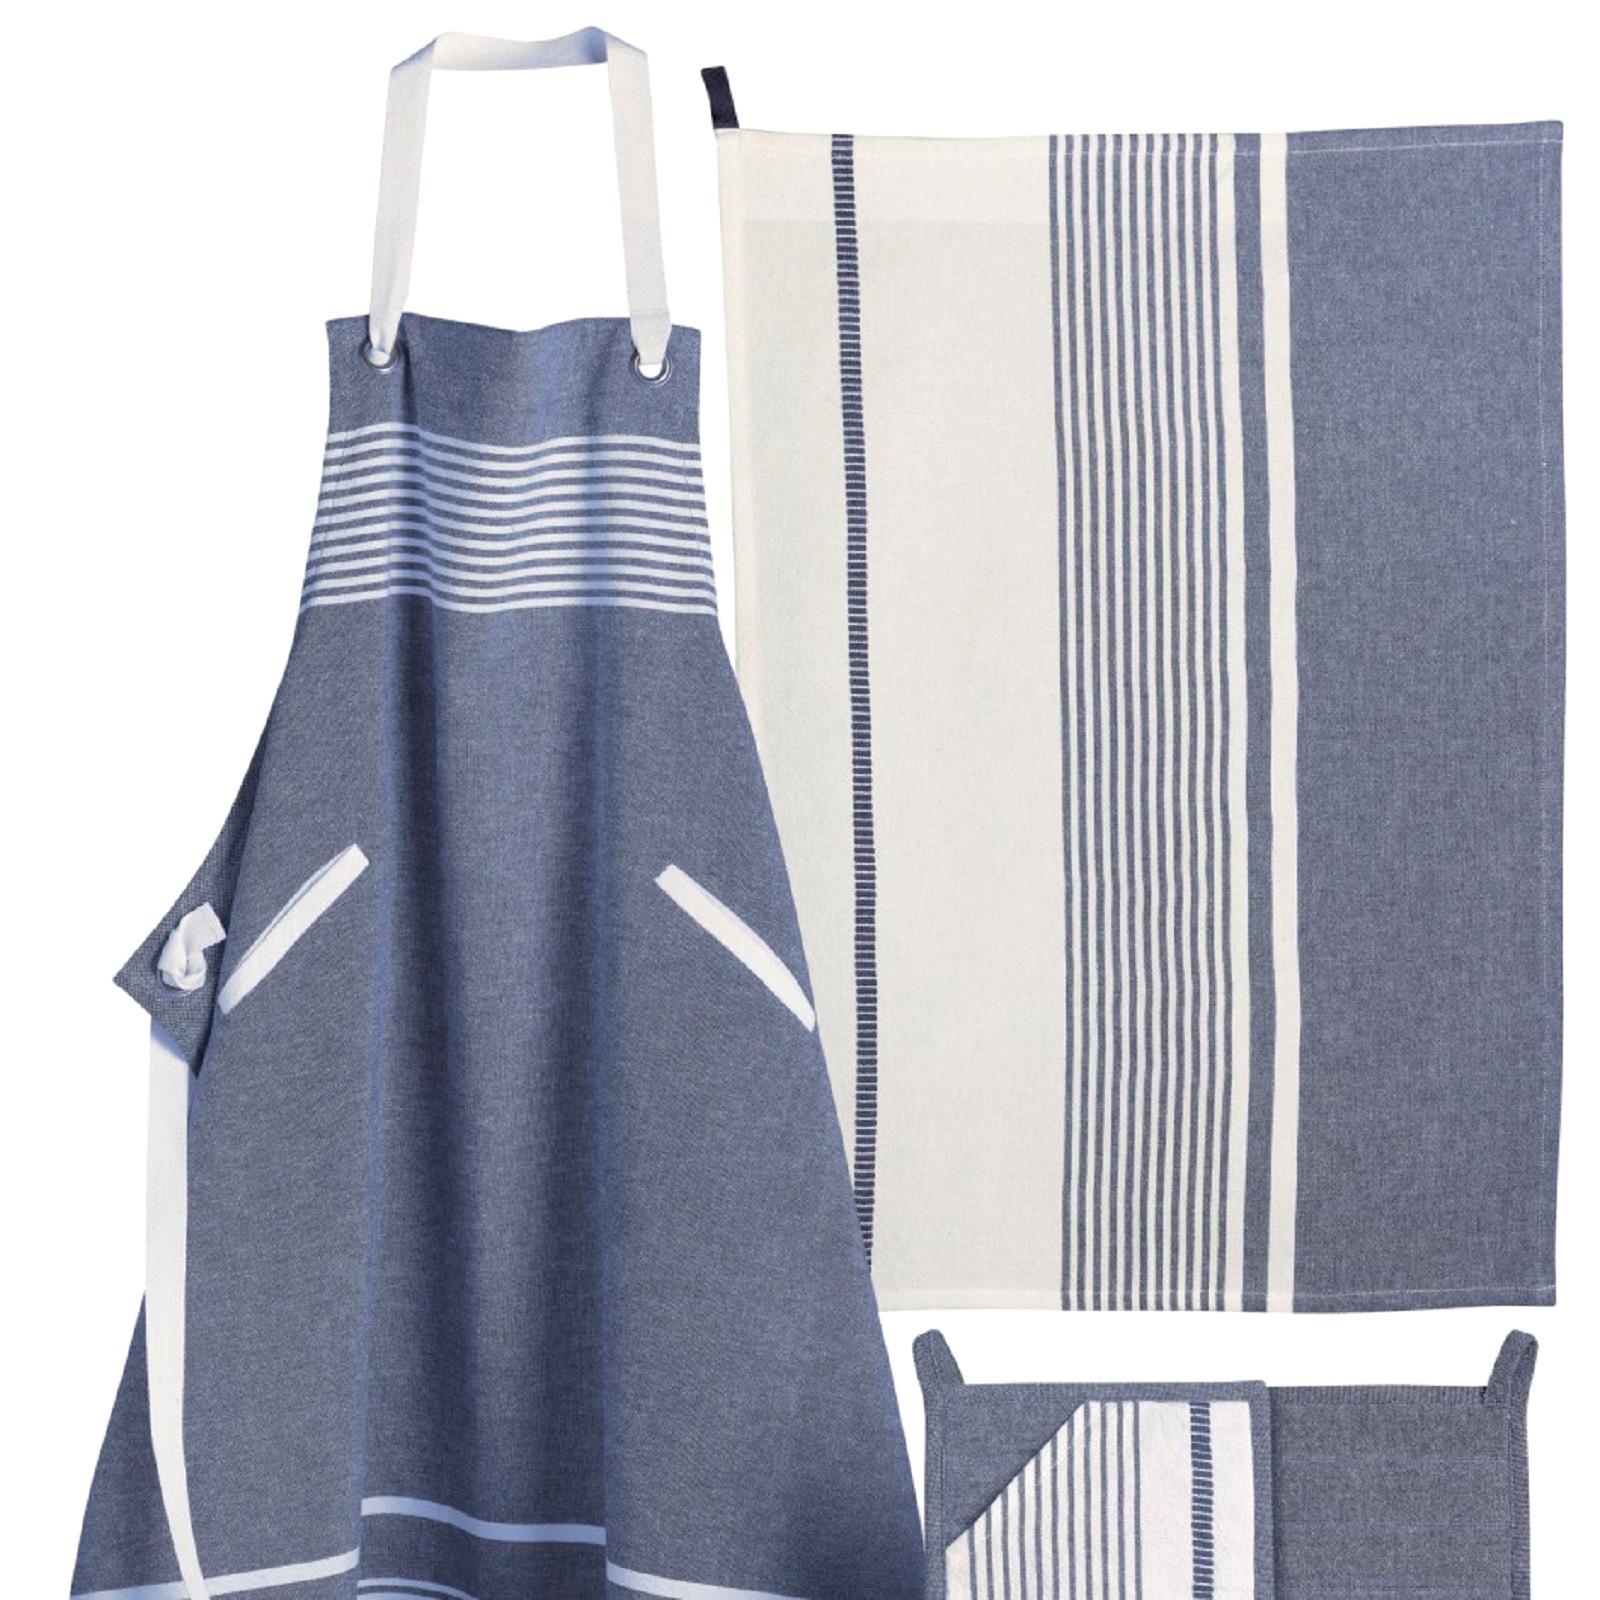 Полотенце кухонное Winkler ARES, 50х70 см, серый с белым Winkler 8524075000 фото 1